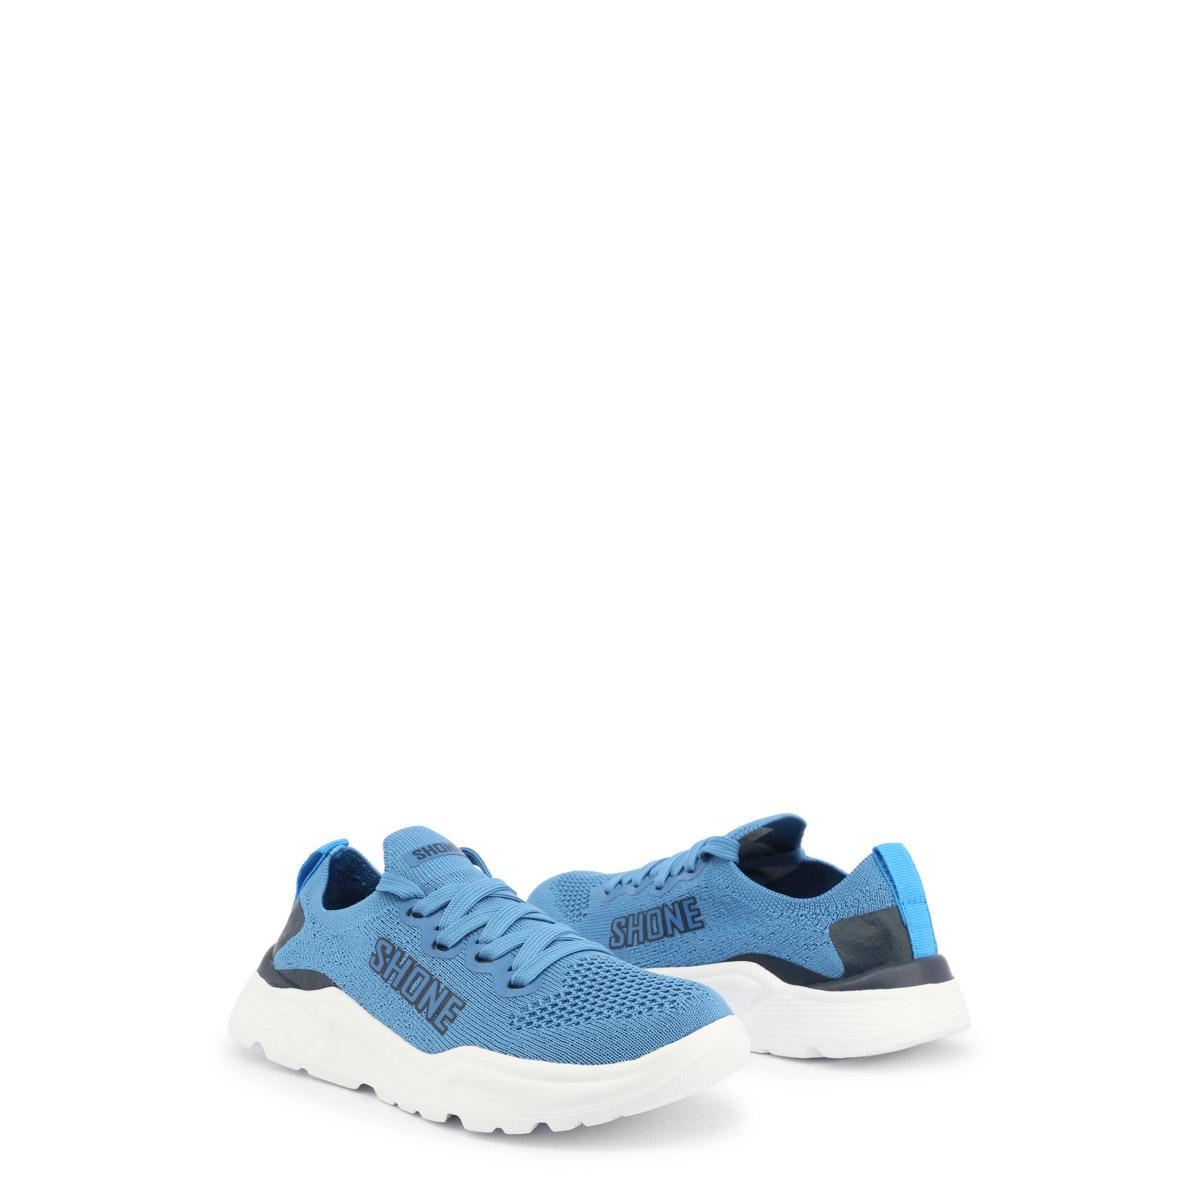 Shone – 155-001 – Blauw Designeritems.nl